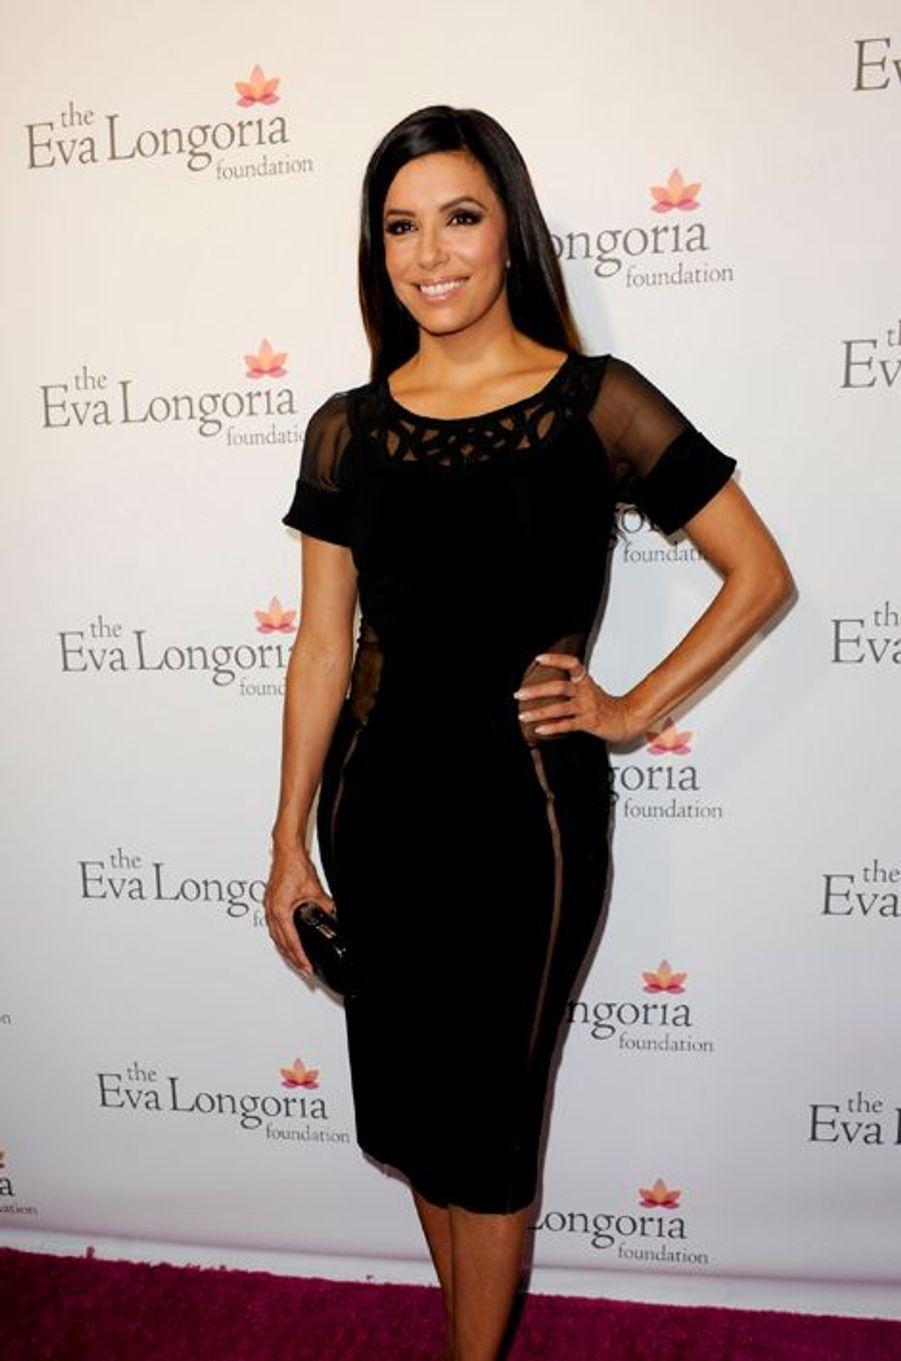 """Au gala de son association """"The Eva Longoria Fondation"""" à Los Angeles le 9 octobre 2014"""